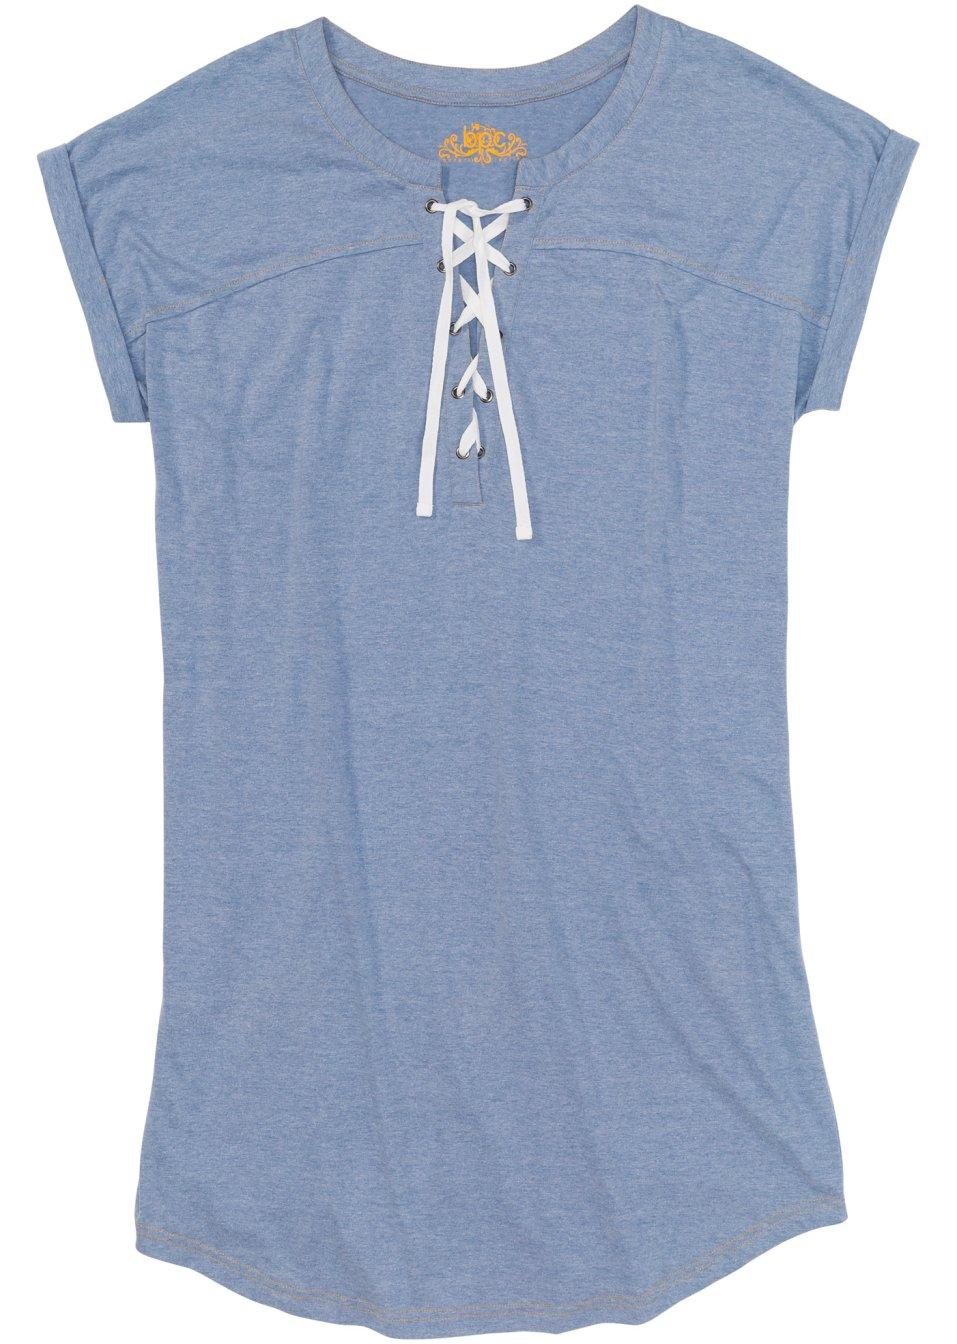 Lässiges Nachthemd in Jeans-Optik - jeansblau meliert 4SVDD bRxdI